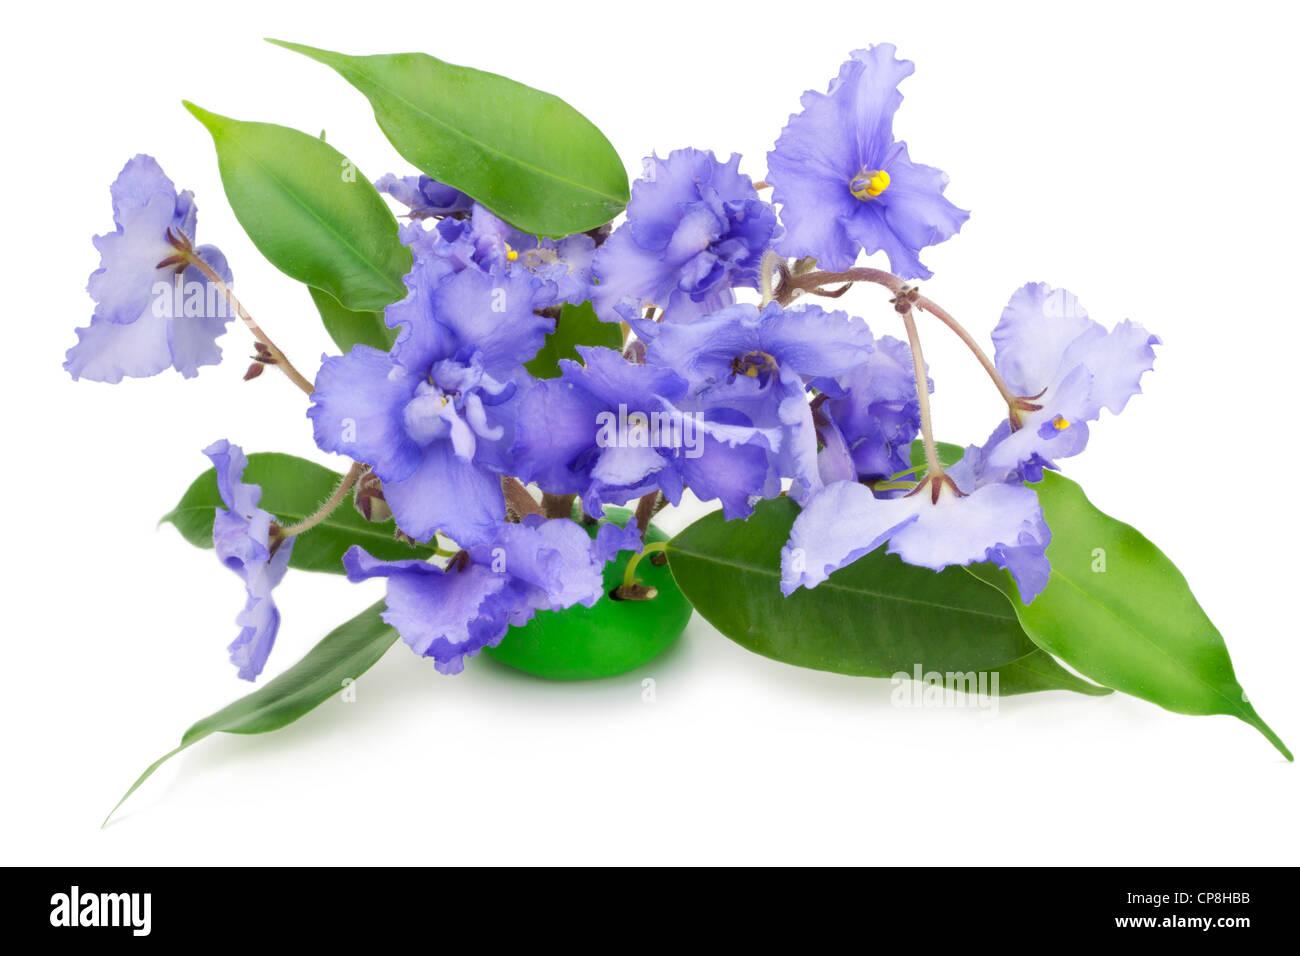 Sanfte blaue Veilchen Blumen isoliert auf weiss Stockbild